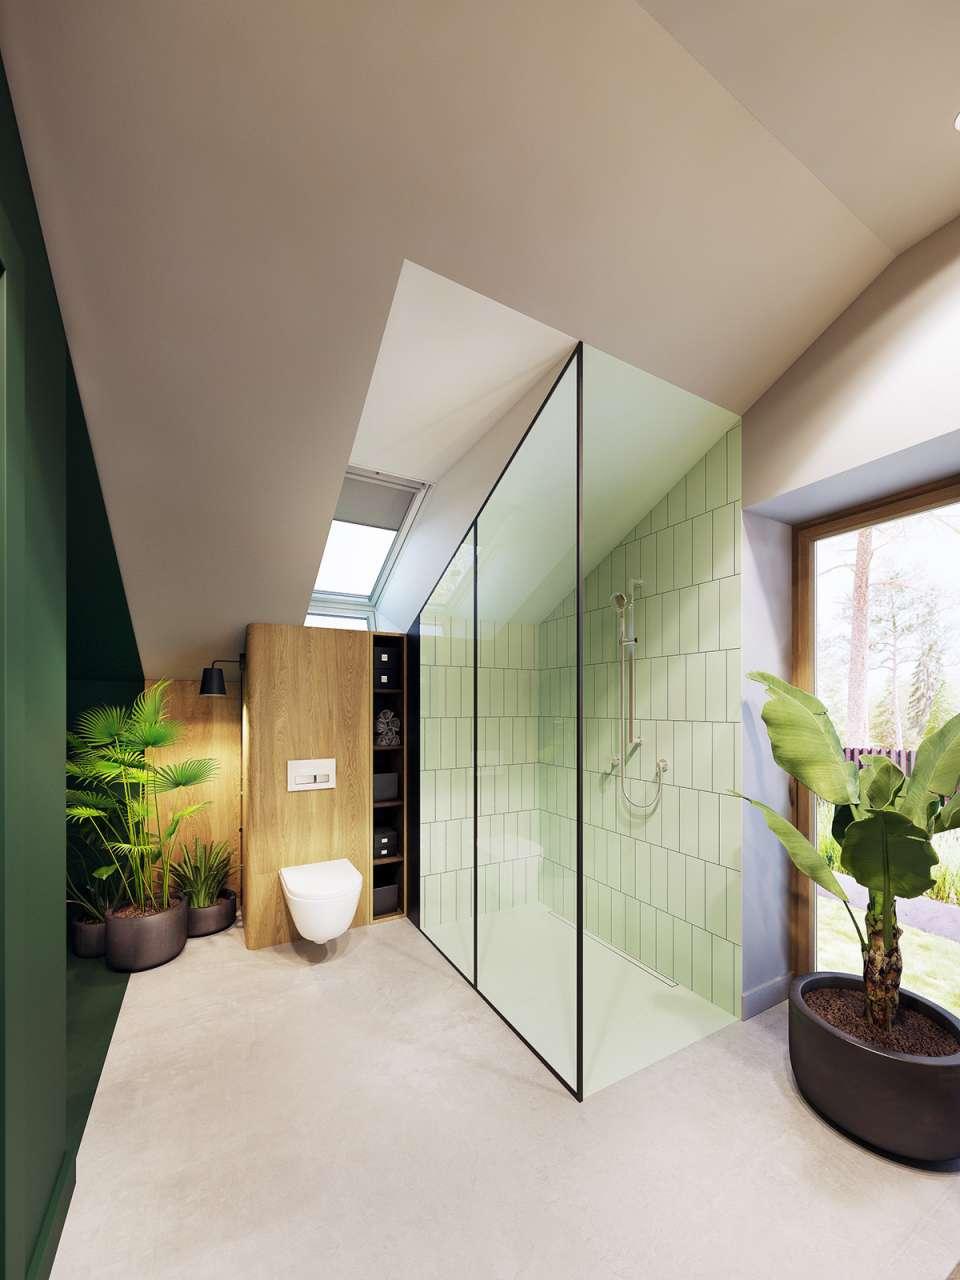 معماری و دکوراسیون داخلی آپارتمان